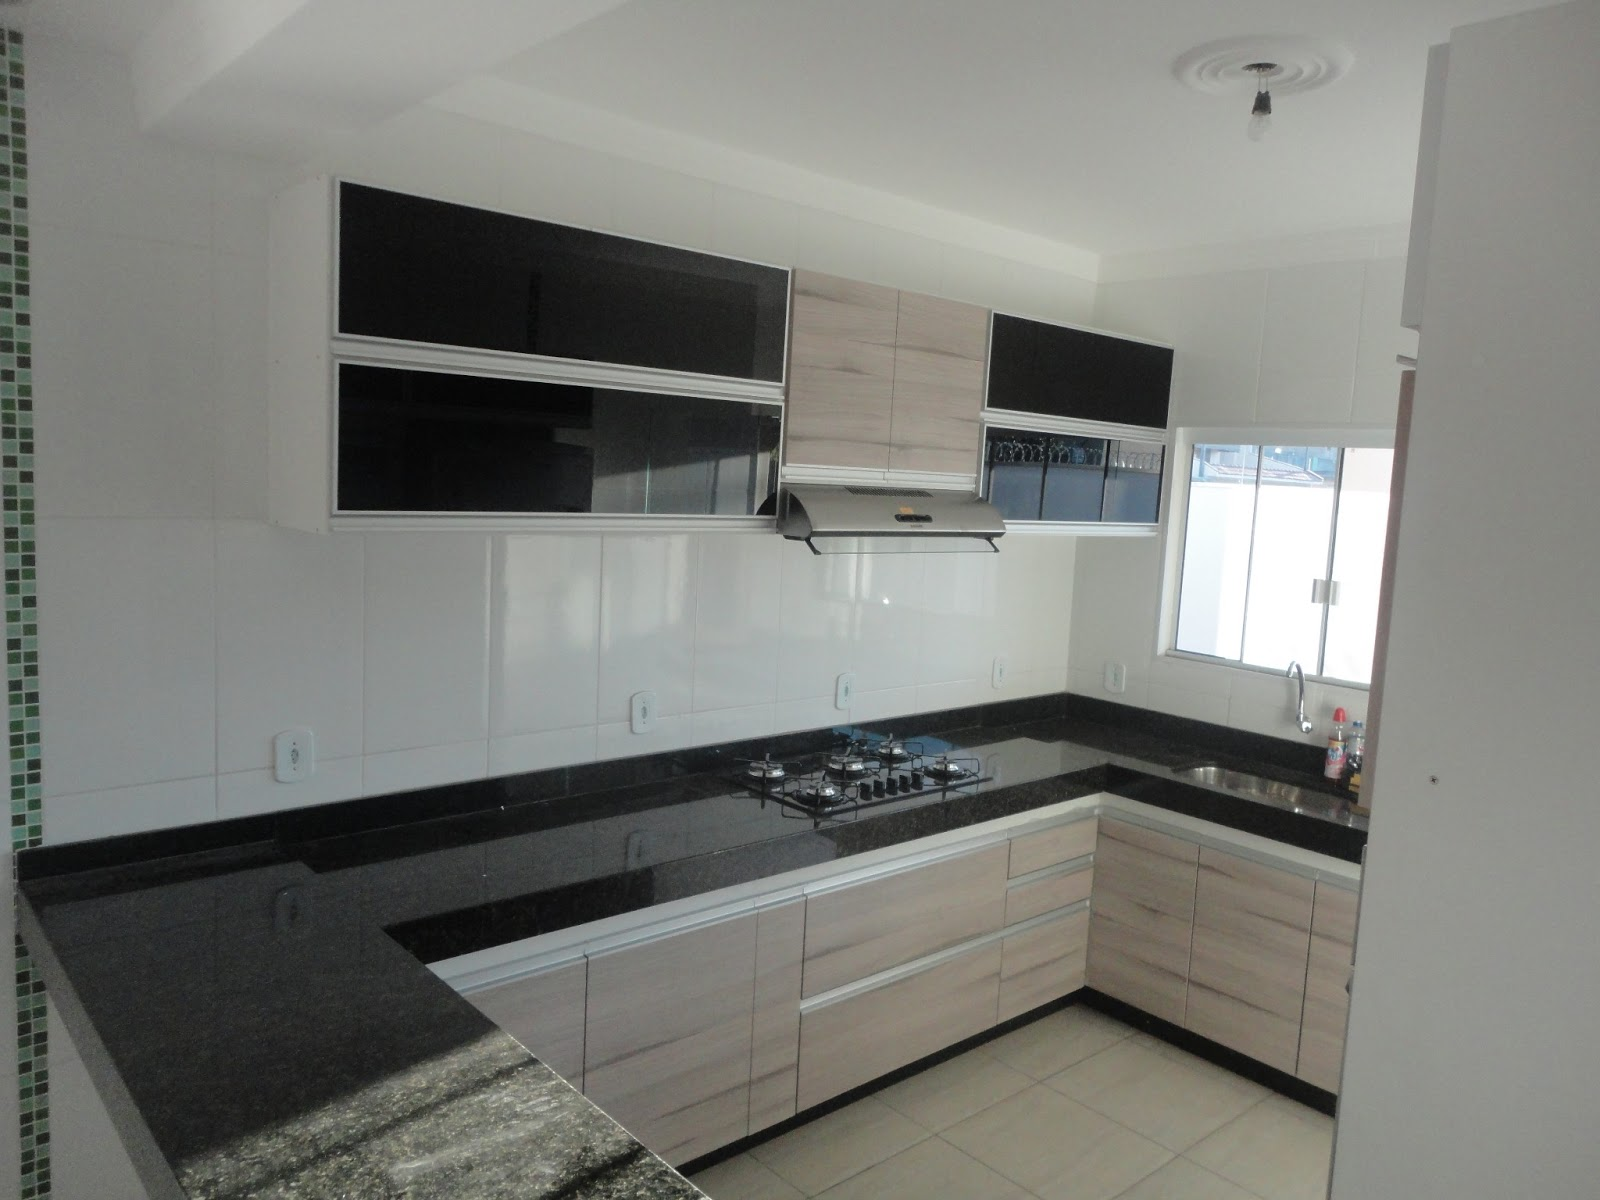 Cozinha Planejada: praticidade e beleza! #4A5157 1600 1200